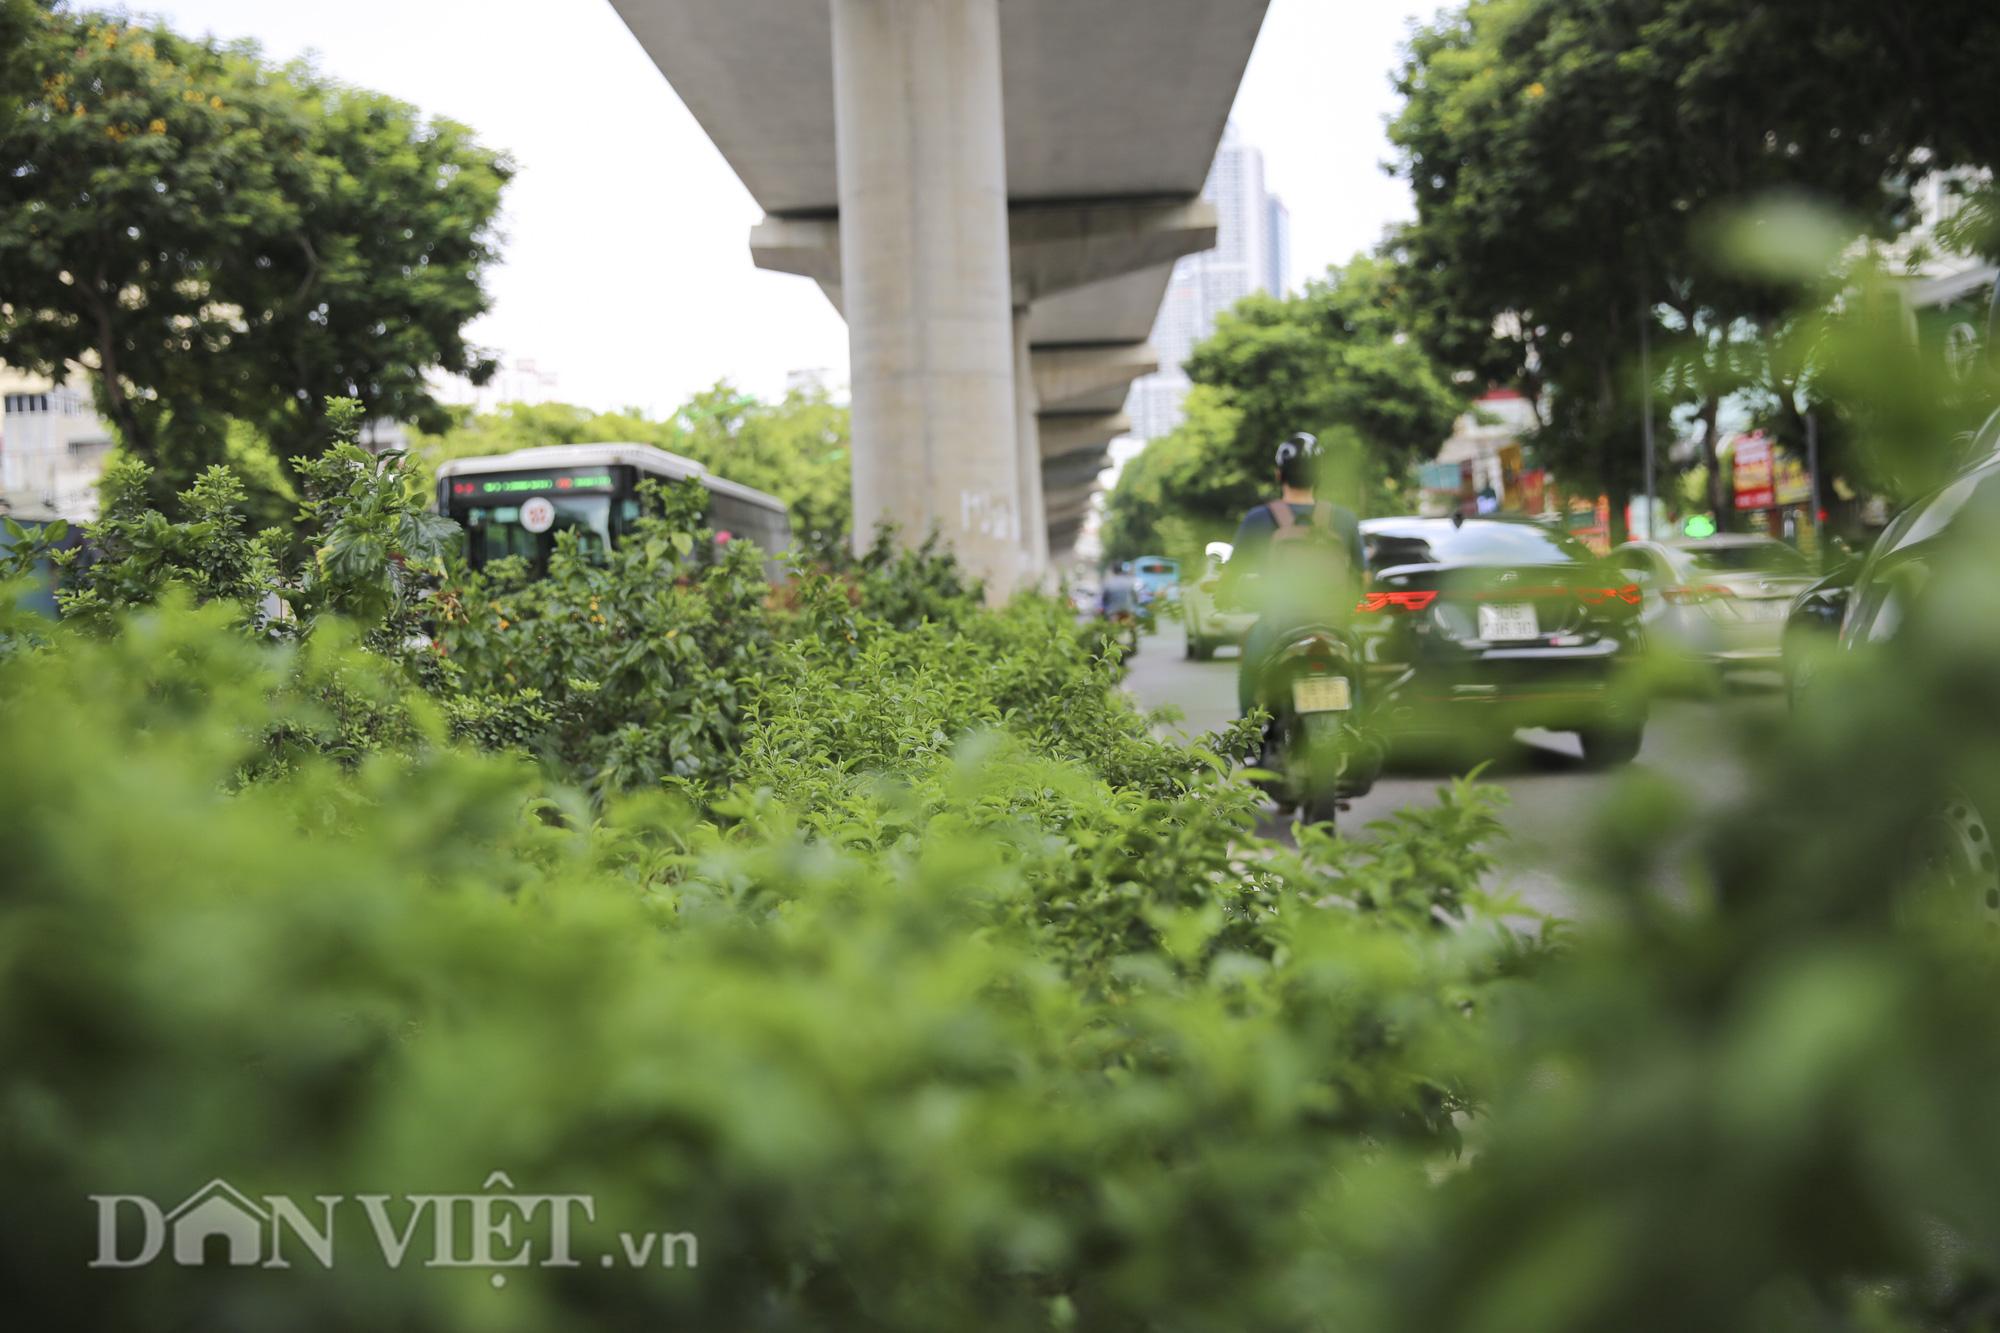 """Hệ thống cây xanh đã giúp Hà Nội giảm """"hiệu ứng đảo nhiệt đô thị"""" như thế nào? - Ảnh 10."""